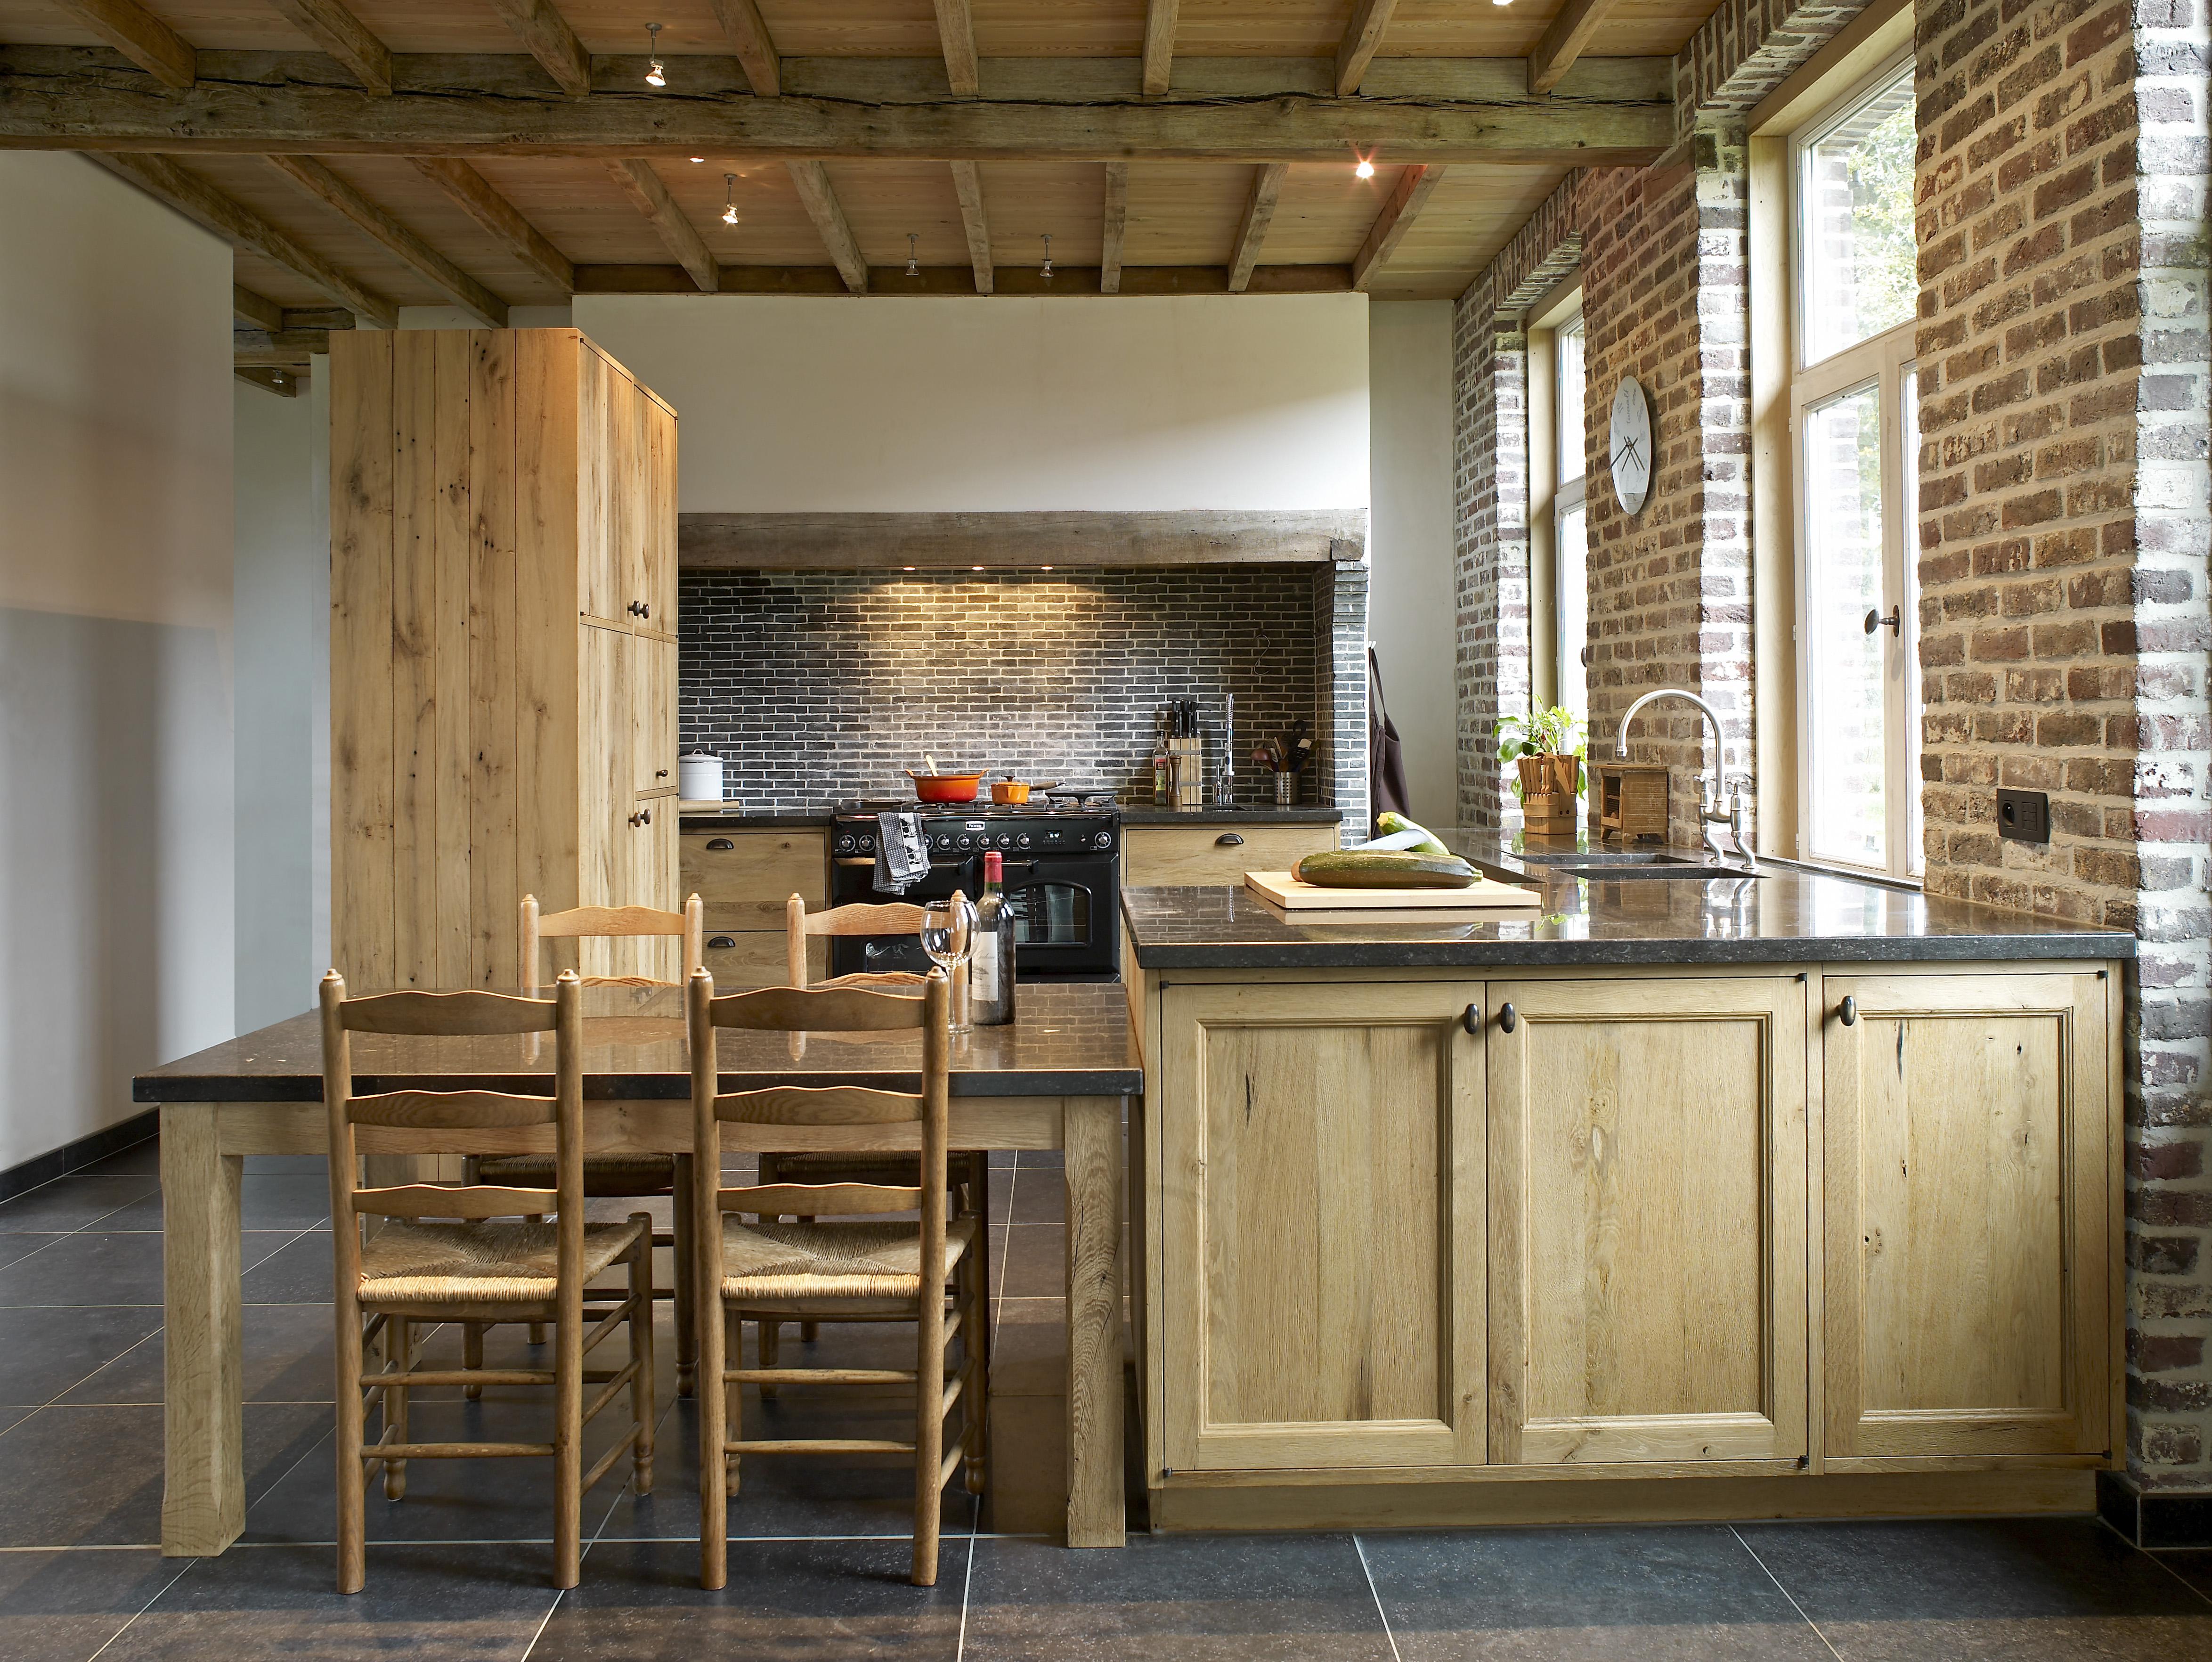 Landelijk interieur verkest for Interieur landelijke stijl